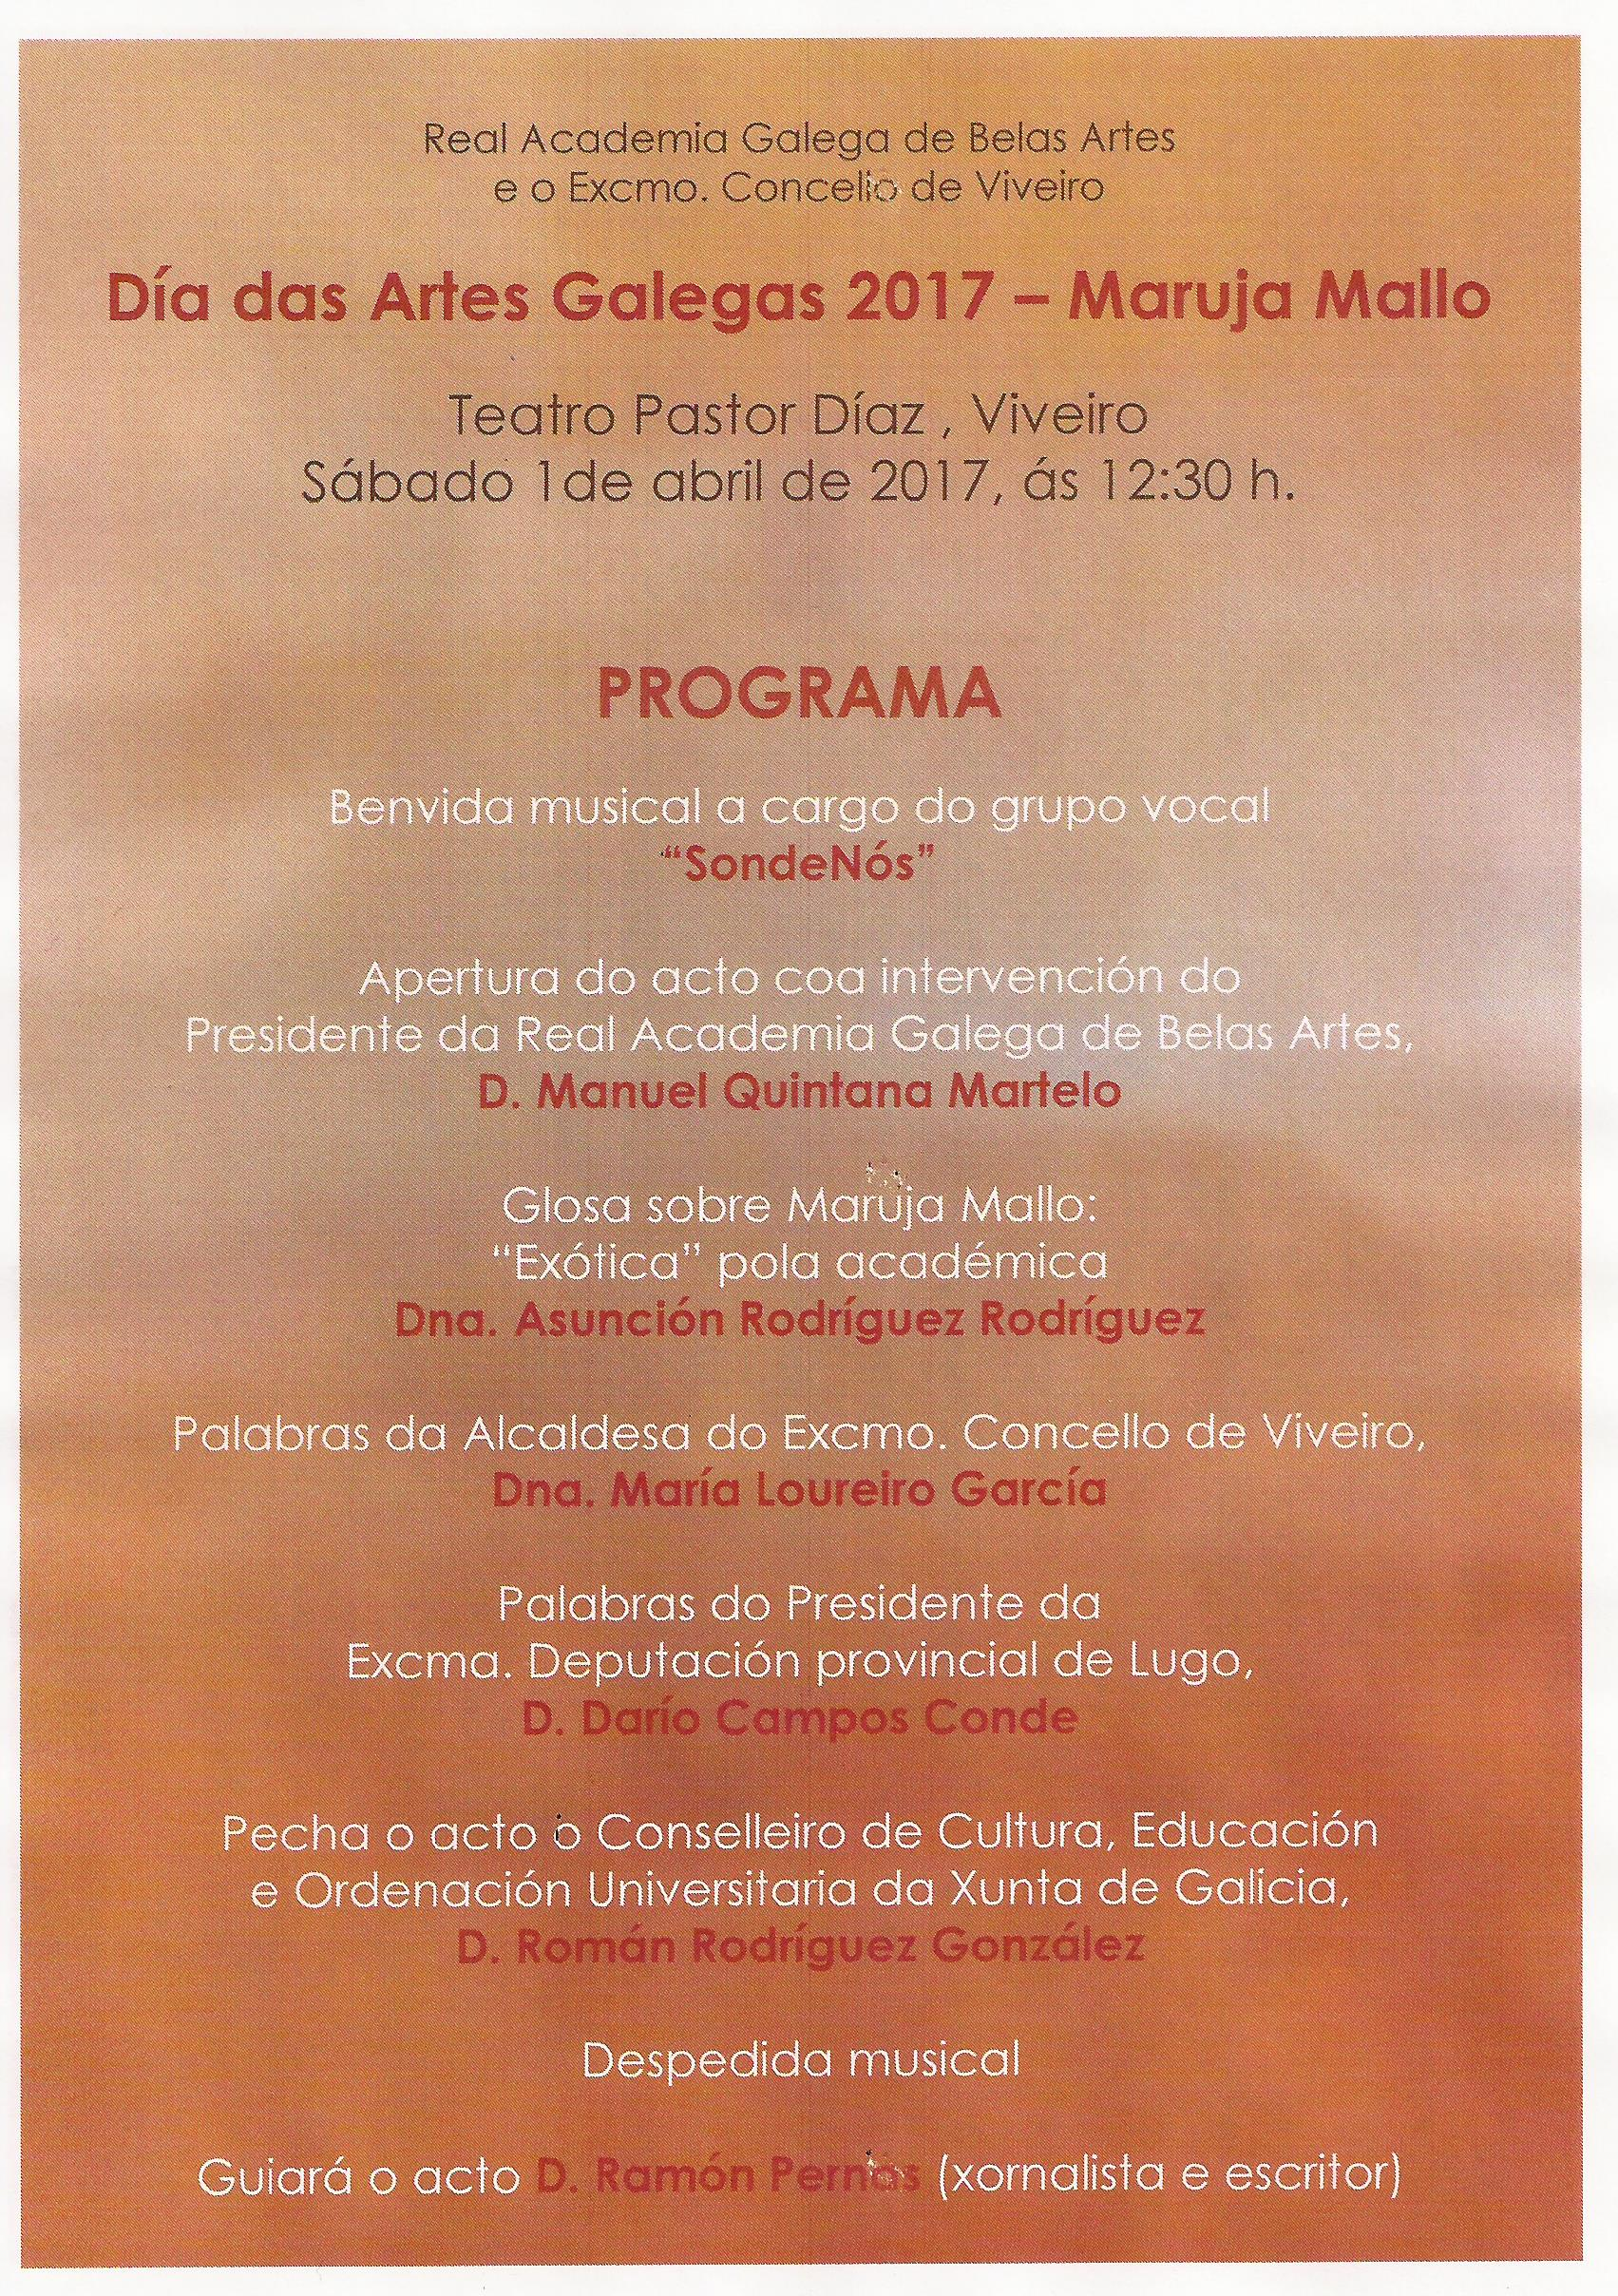 SondeNós no Día das Artes Galegas